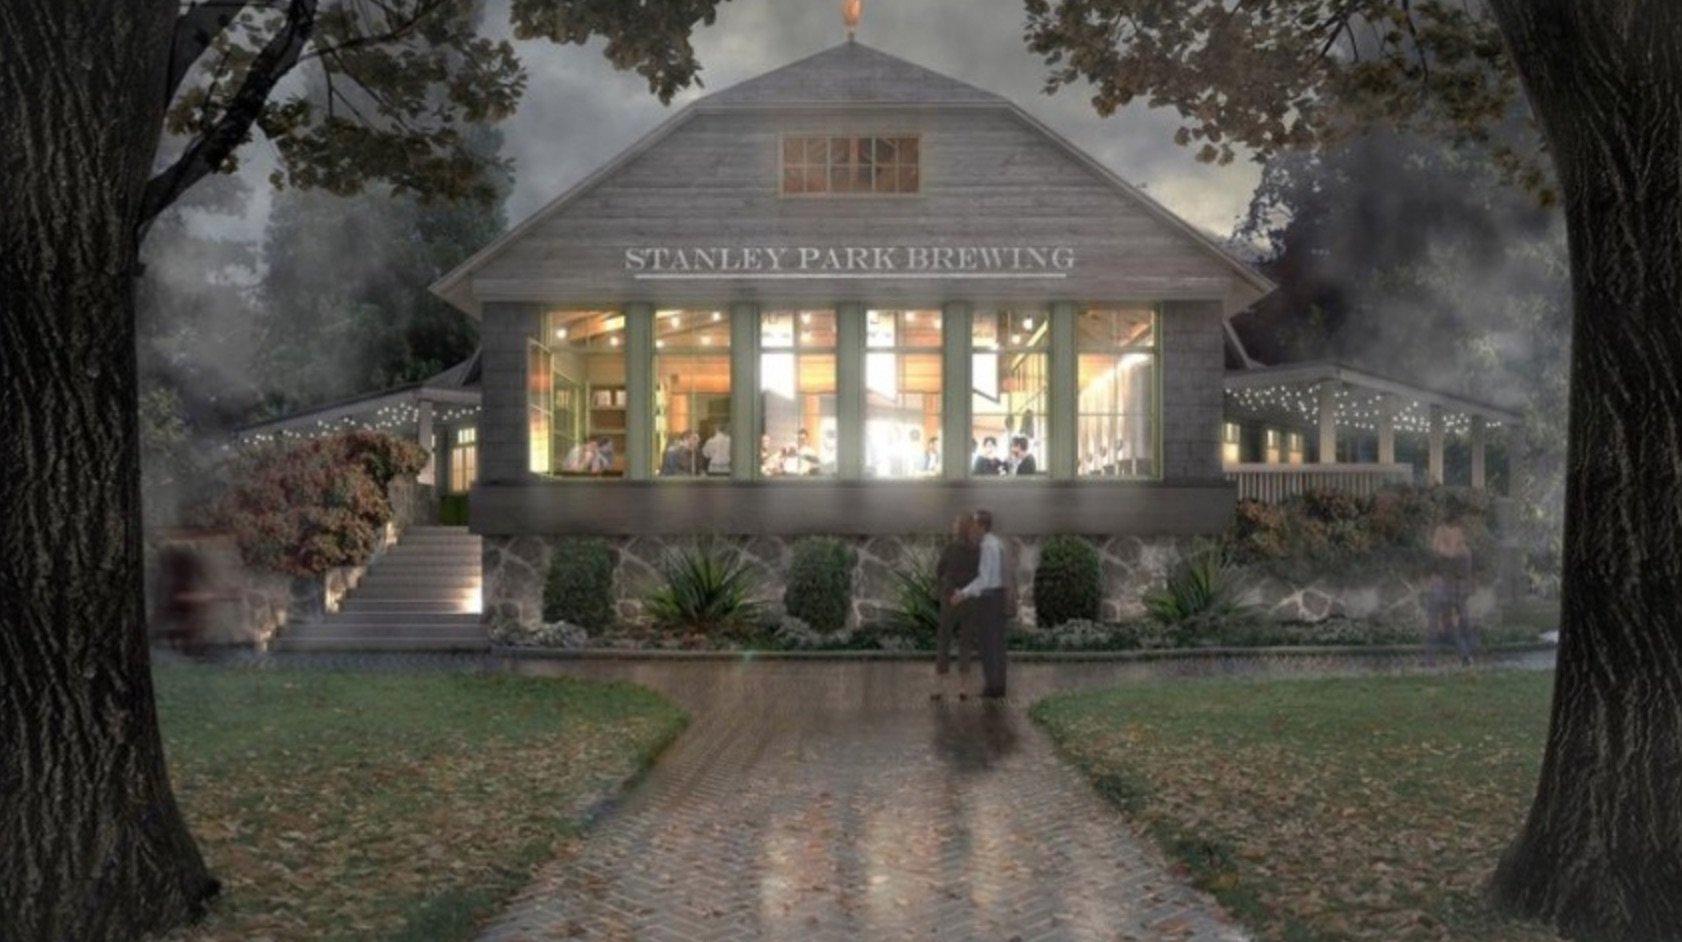 Stanley Park Brewing rendering